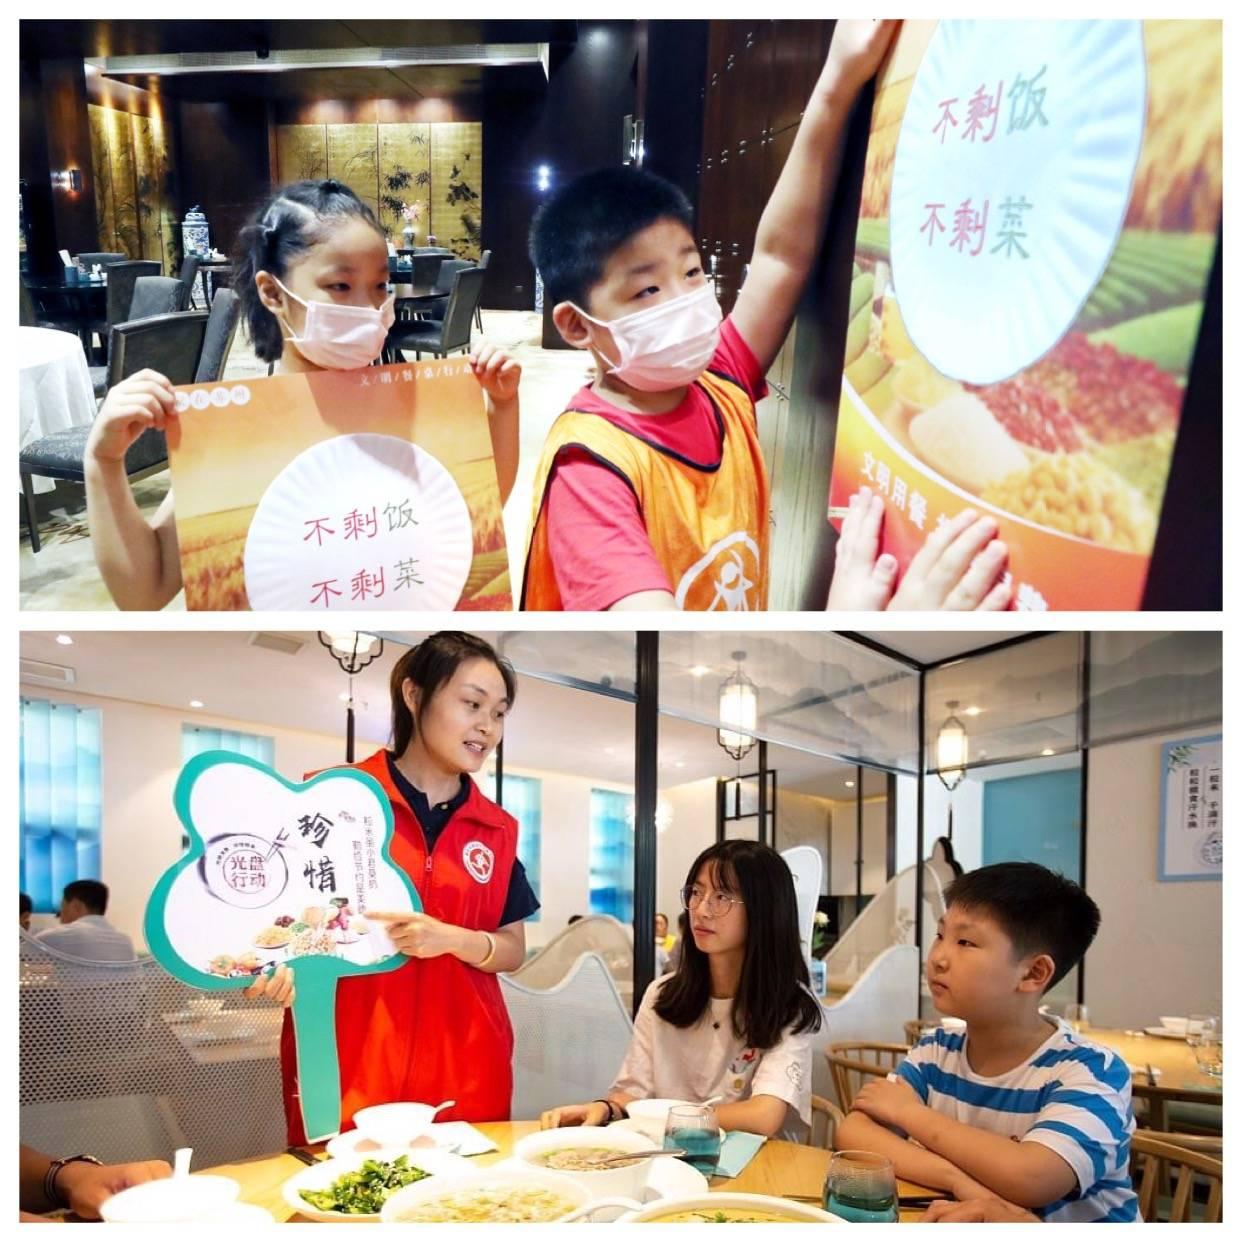 Jovens voluntários colaboram com  a campanha colando cartazes que incentivam a redução de desperdício de alimentos por todo pais.